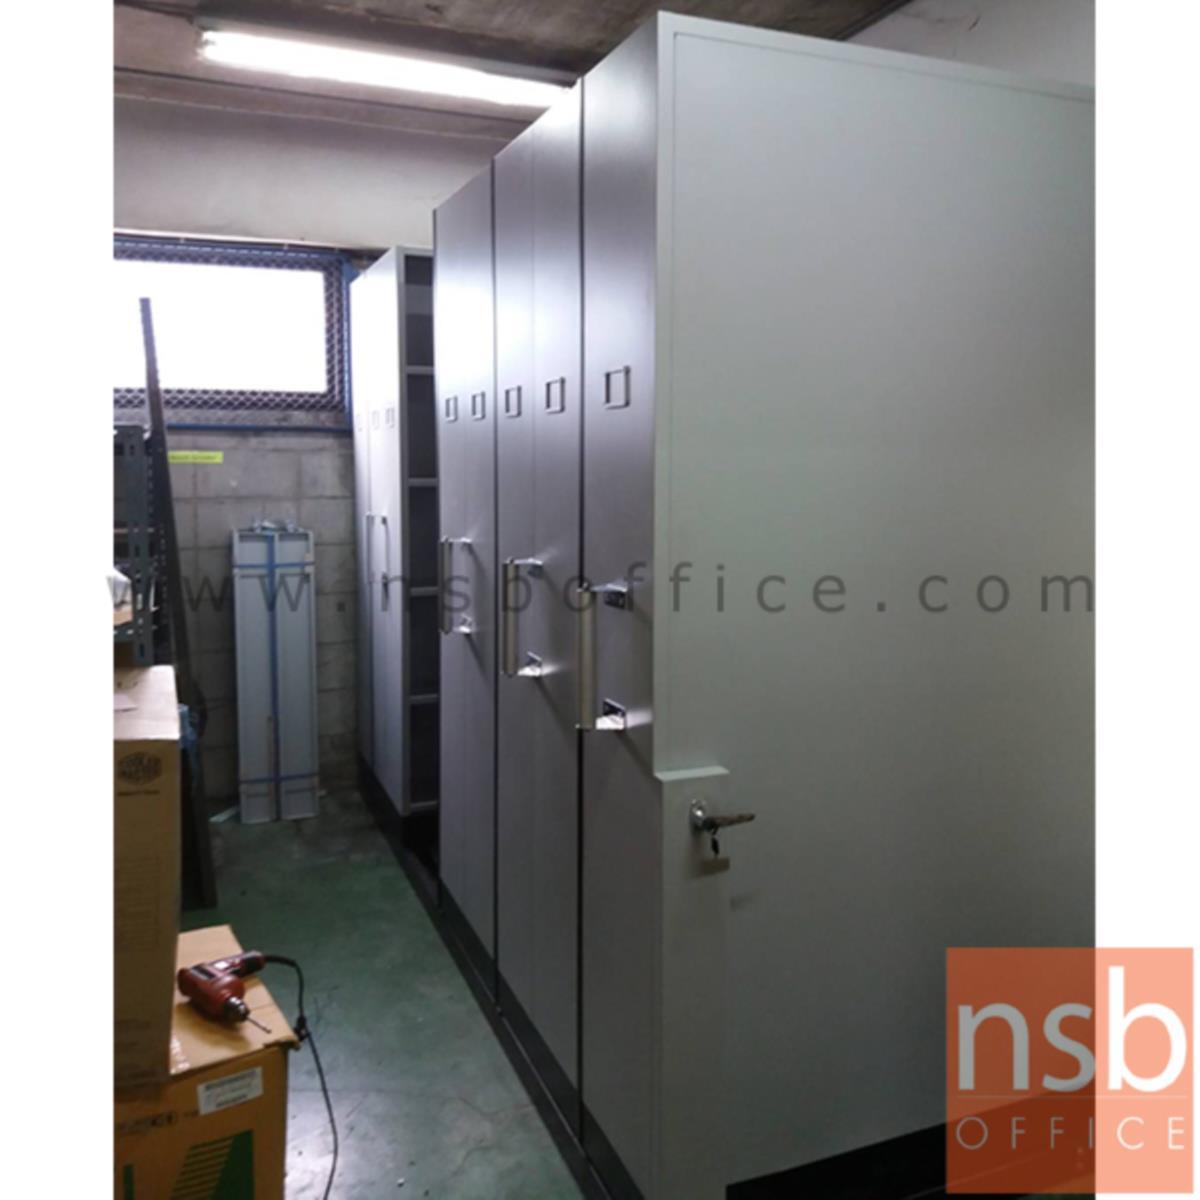 ตู้รางเลื่อนแบบมือผลัก 121.7D cm  ขนาด 4, 6, 8, 10, 12, 14, 16 ตู้ (มอก.1496-2541)